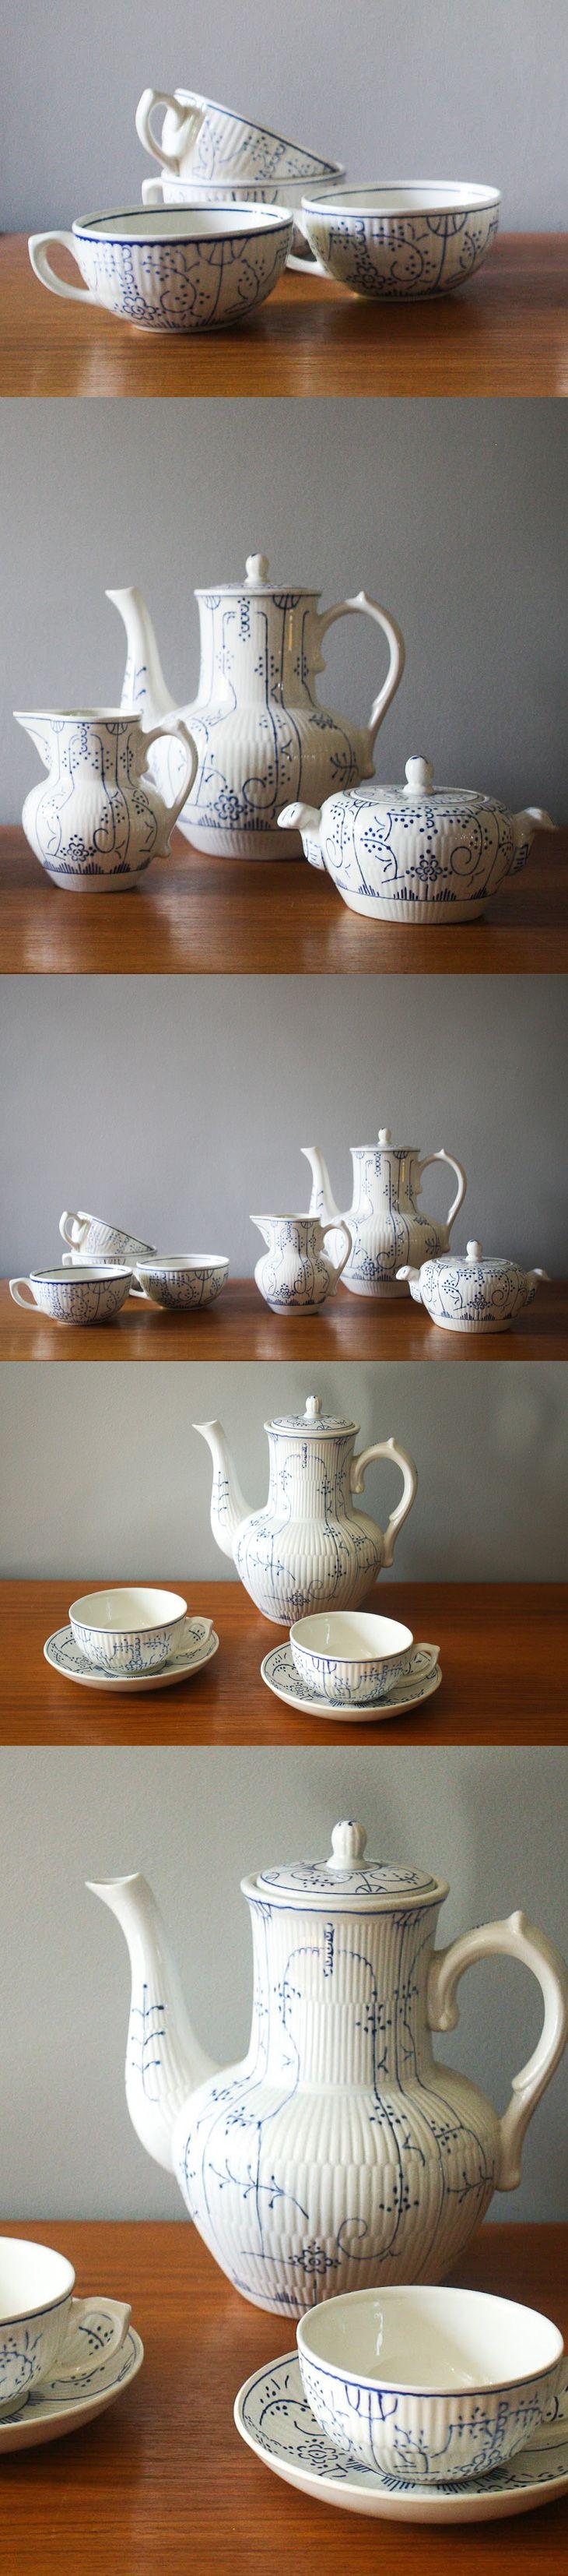 1000 images about boch on pinterest pastel belgium and for Set petit dejeuner porcelaine